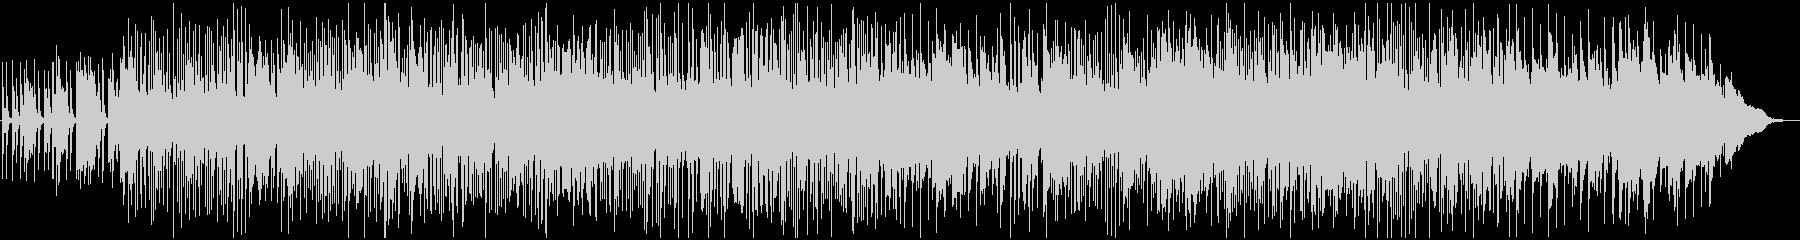 ピアノファンキーとスイング。の未再生の波形